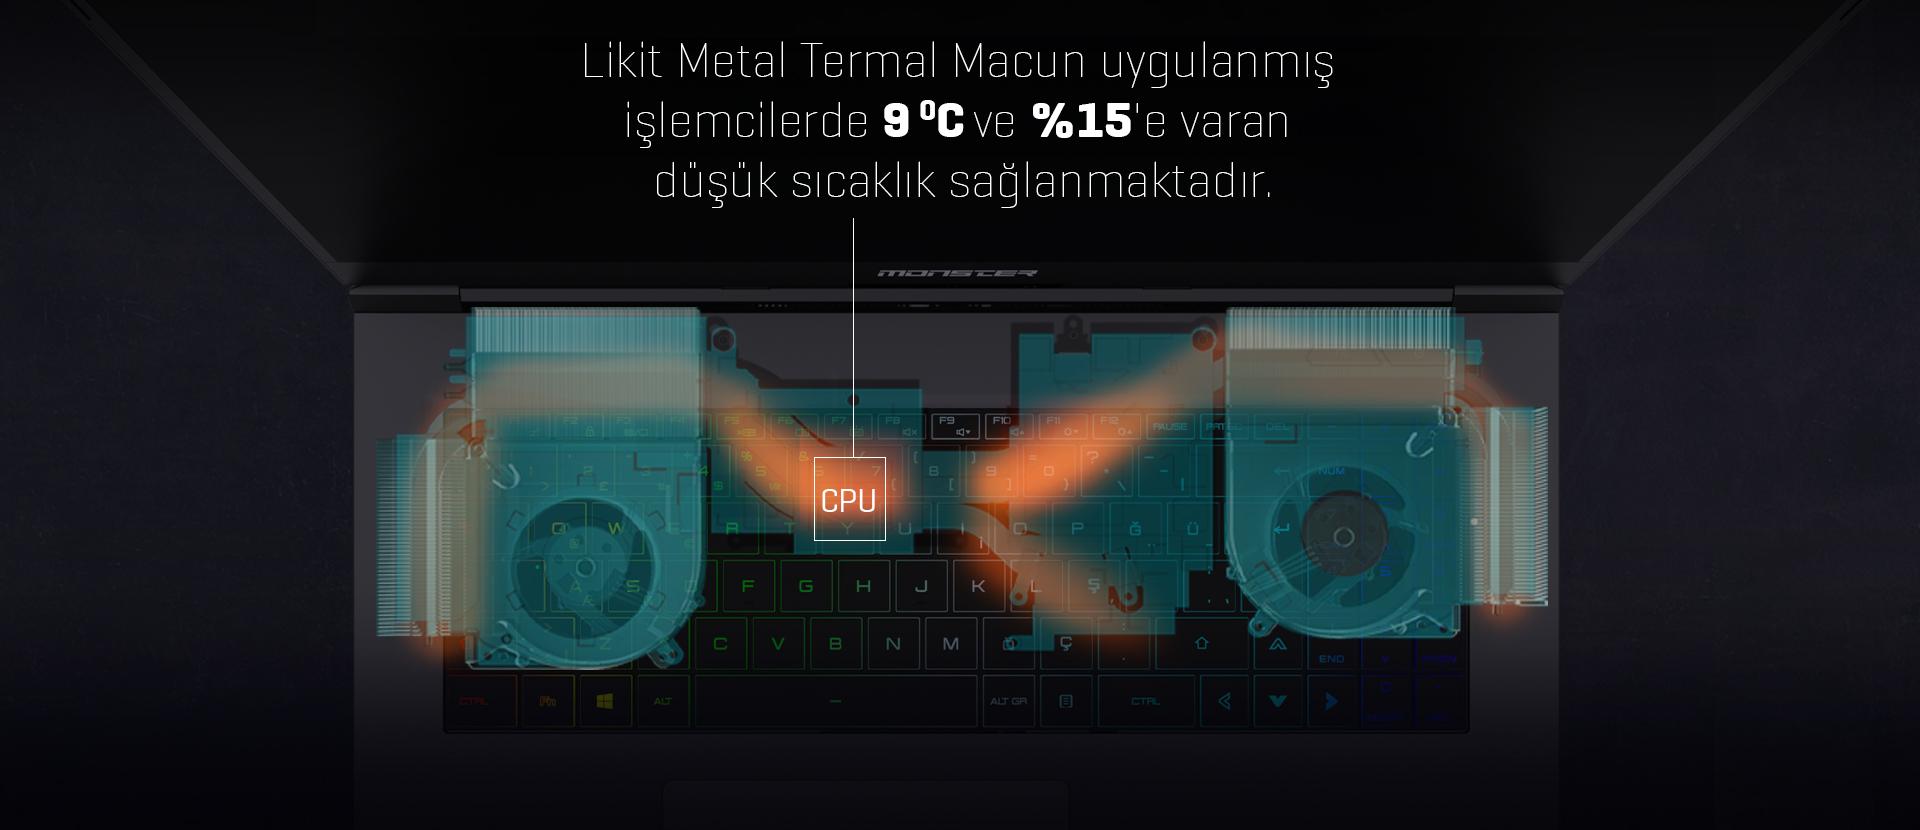 Monster Notebook Tulpar T7 V21.3.1